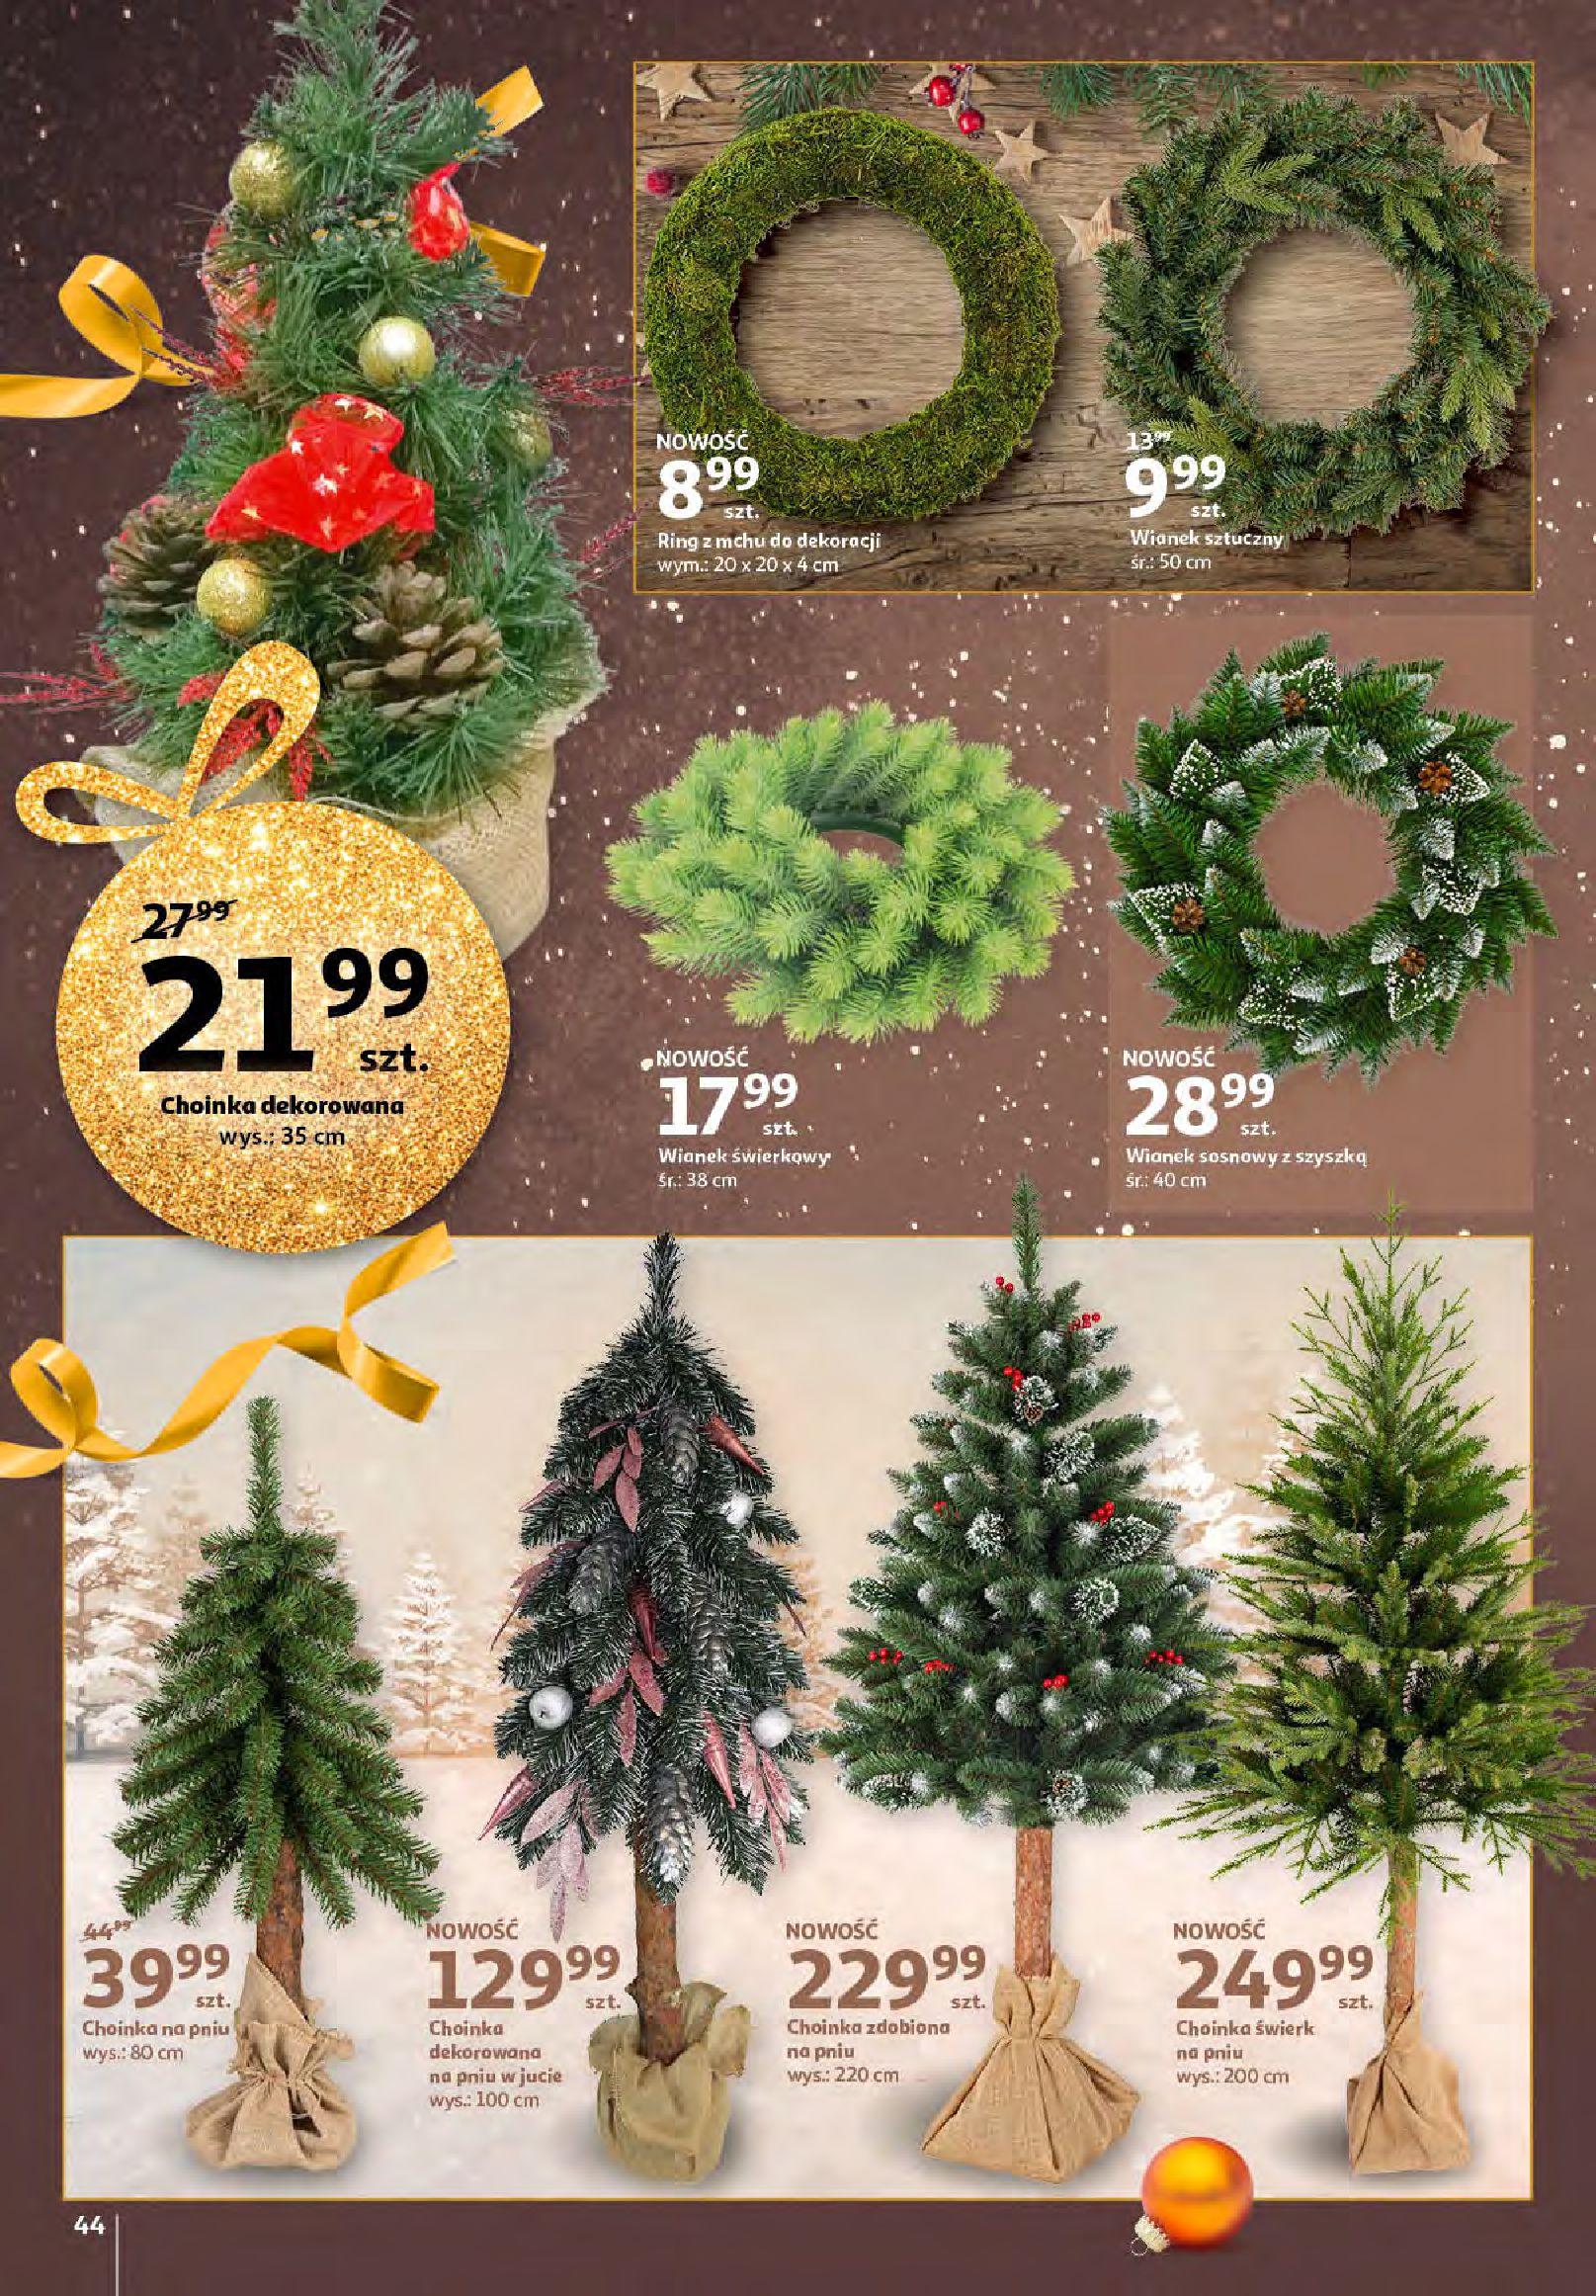 Gazetka Auchan - Magia zabawek i świątecznych ozdób-11.11.2020-25.11.2020-page-44